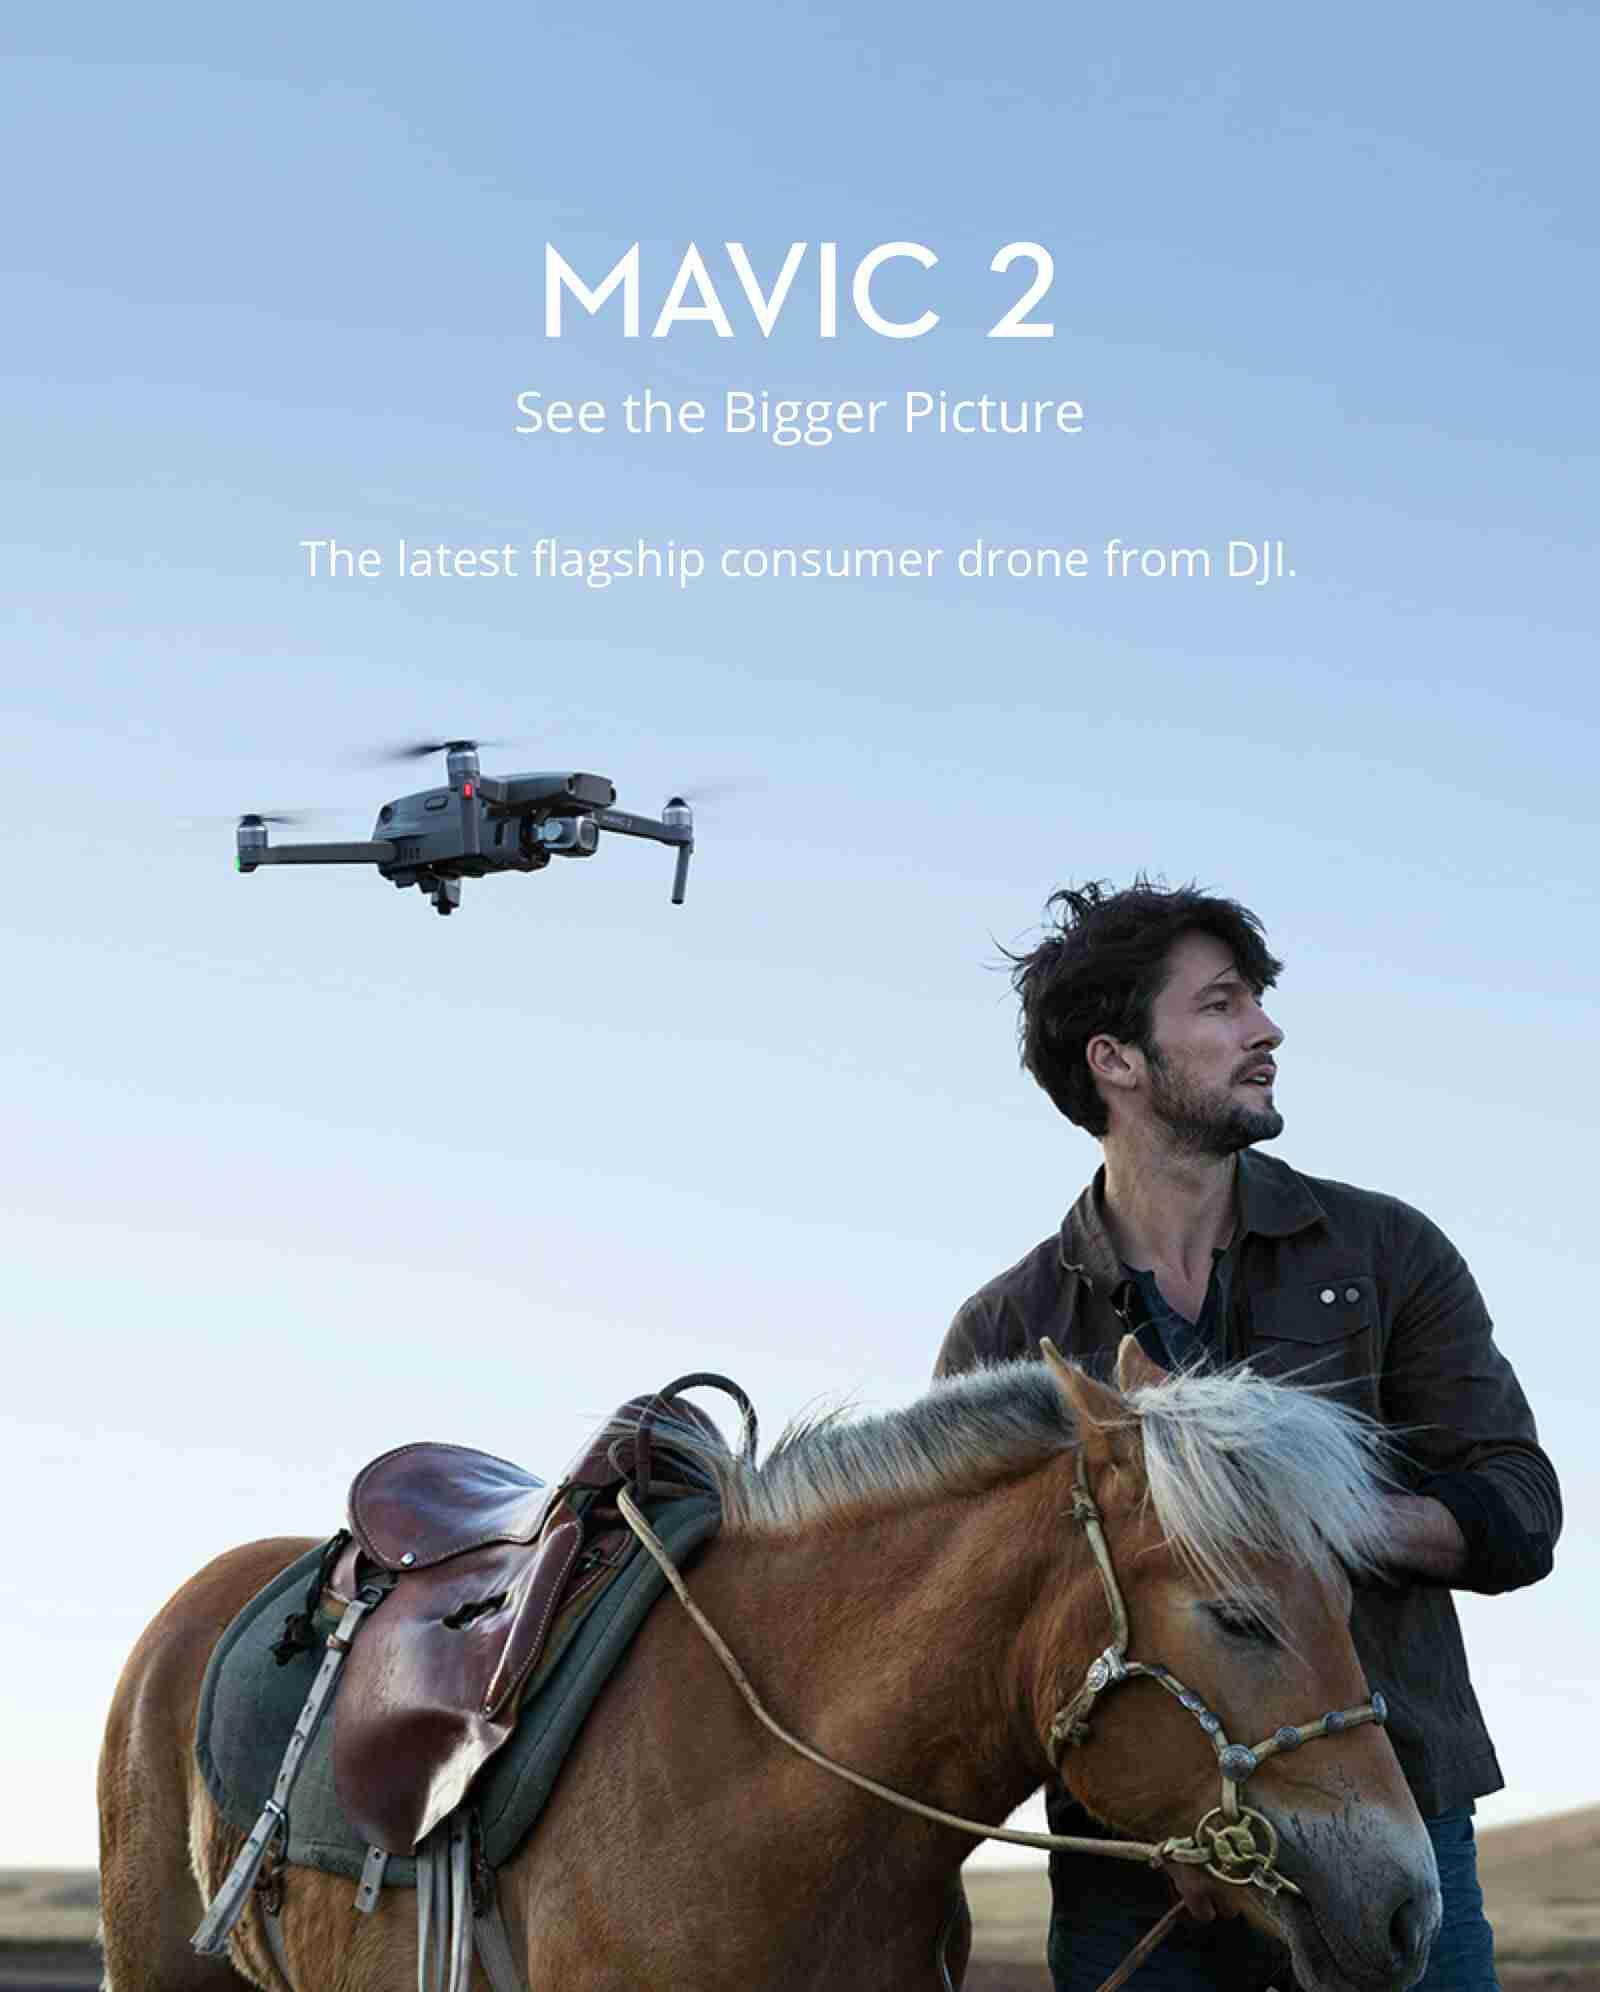 DJI mavic 2 pro poster